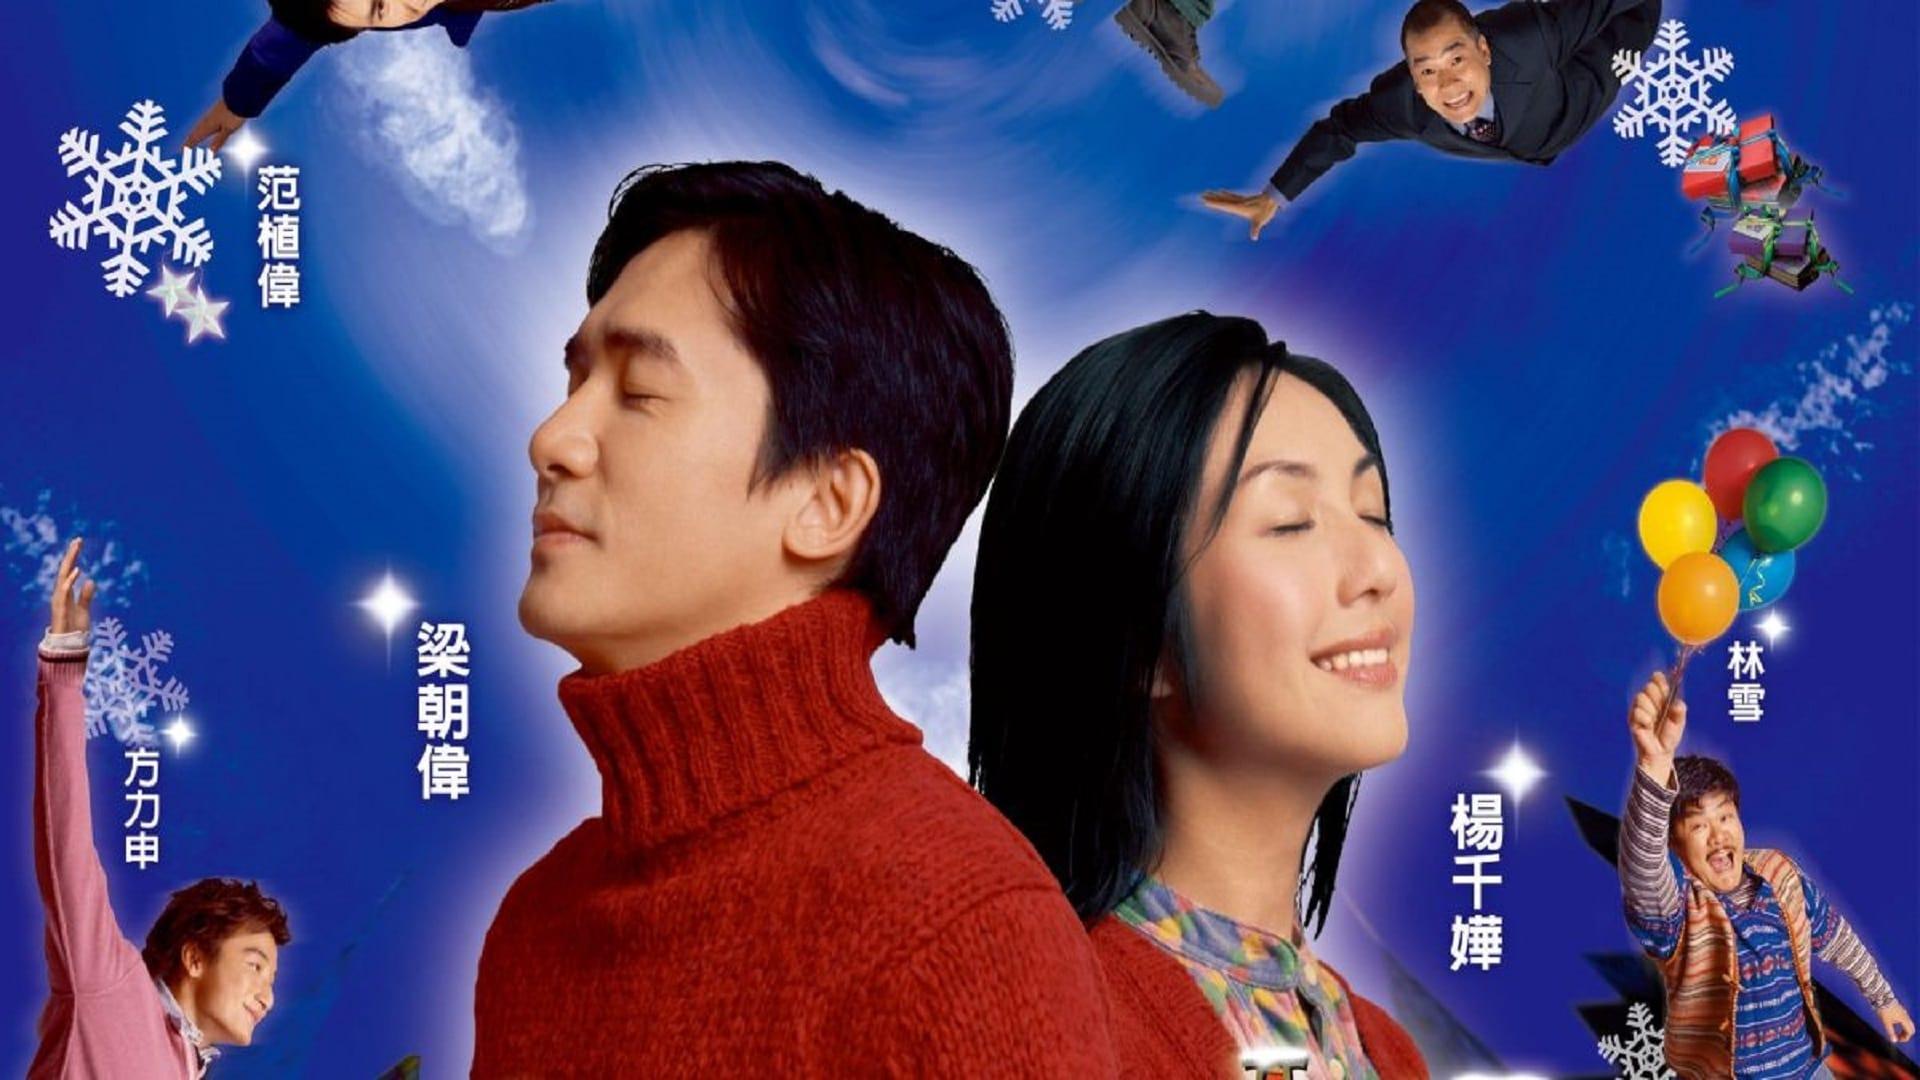 地下鐵 (2003)